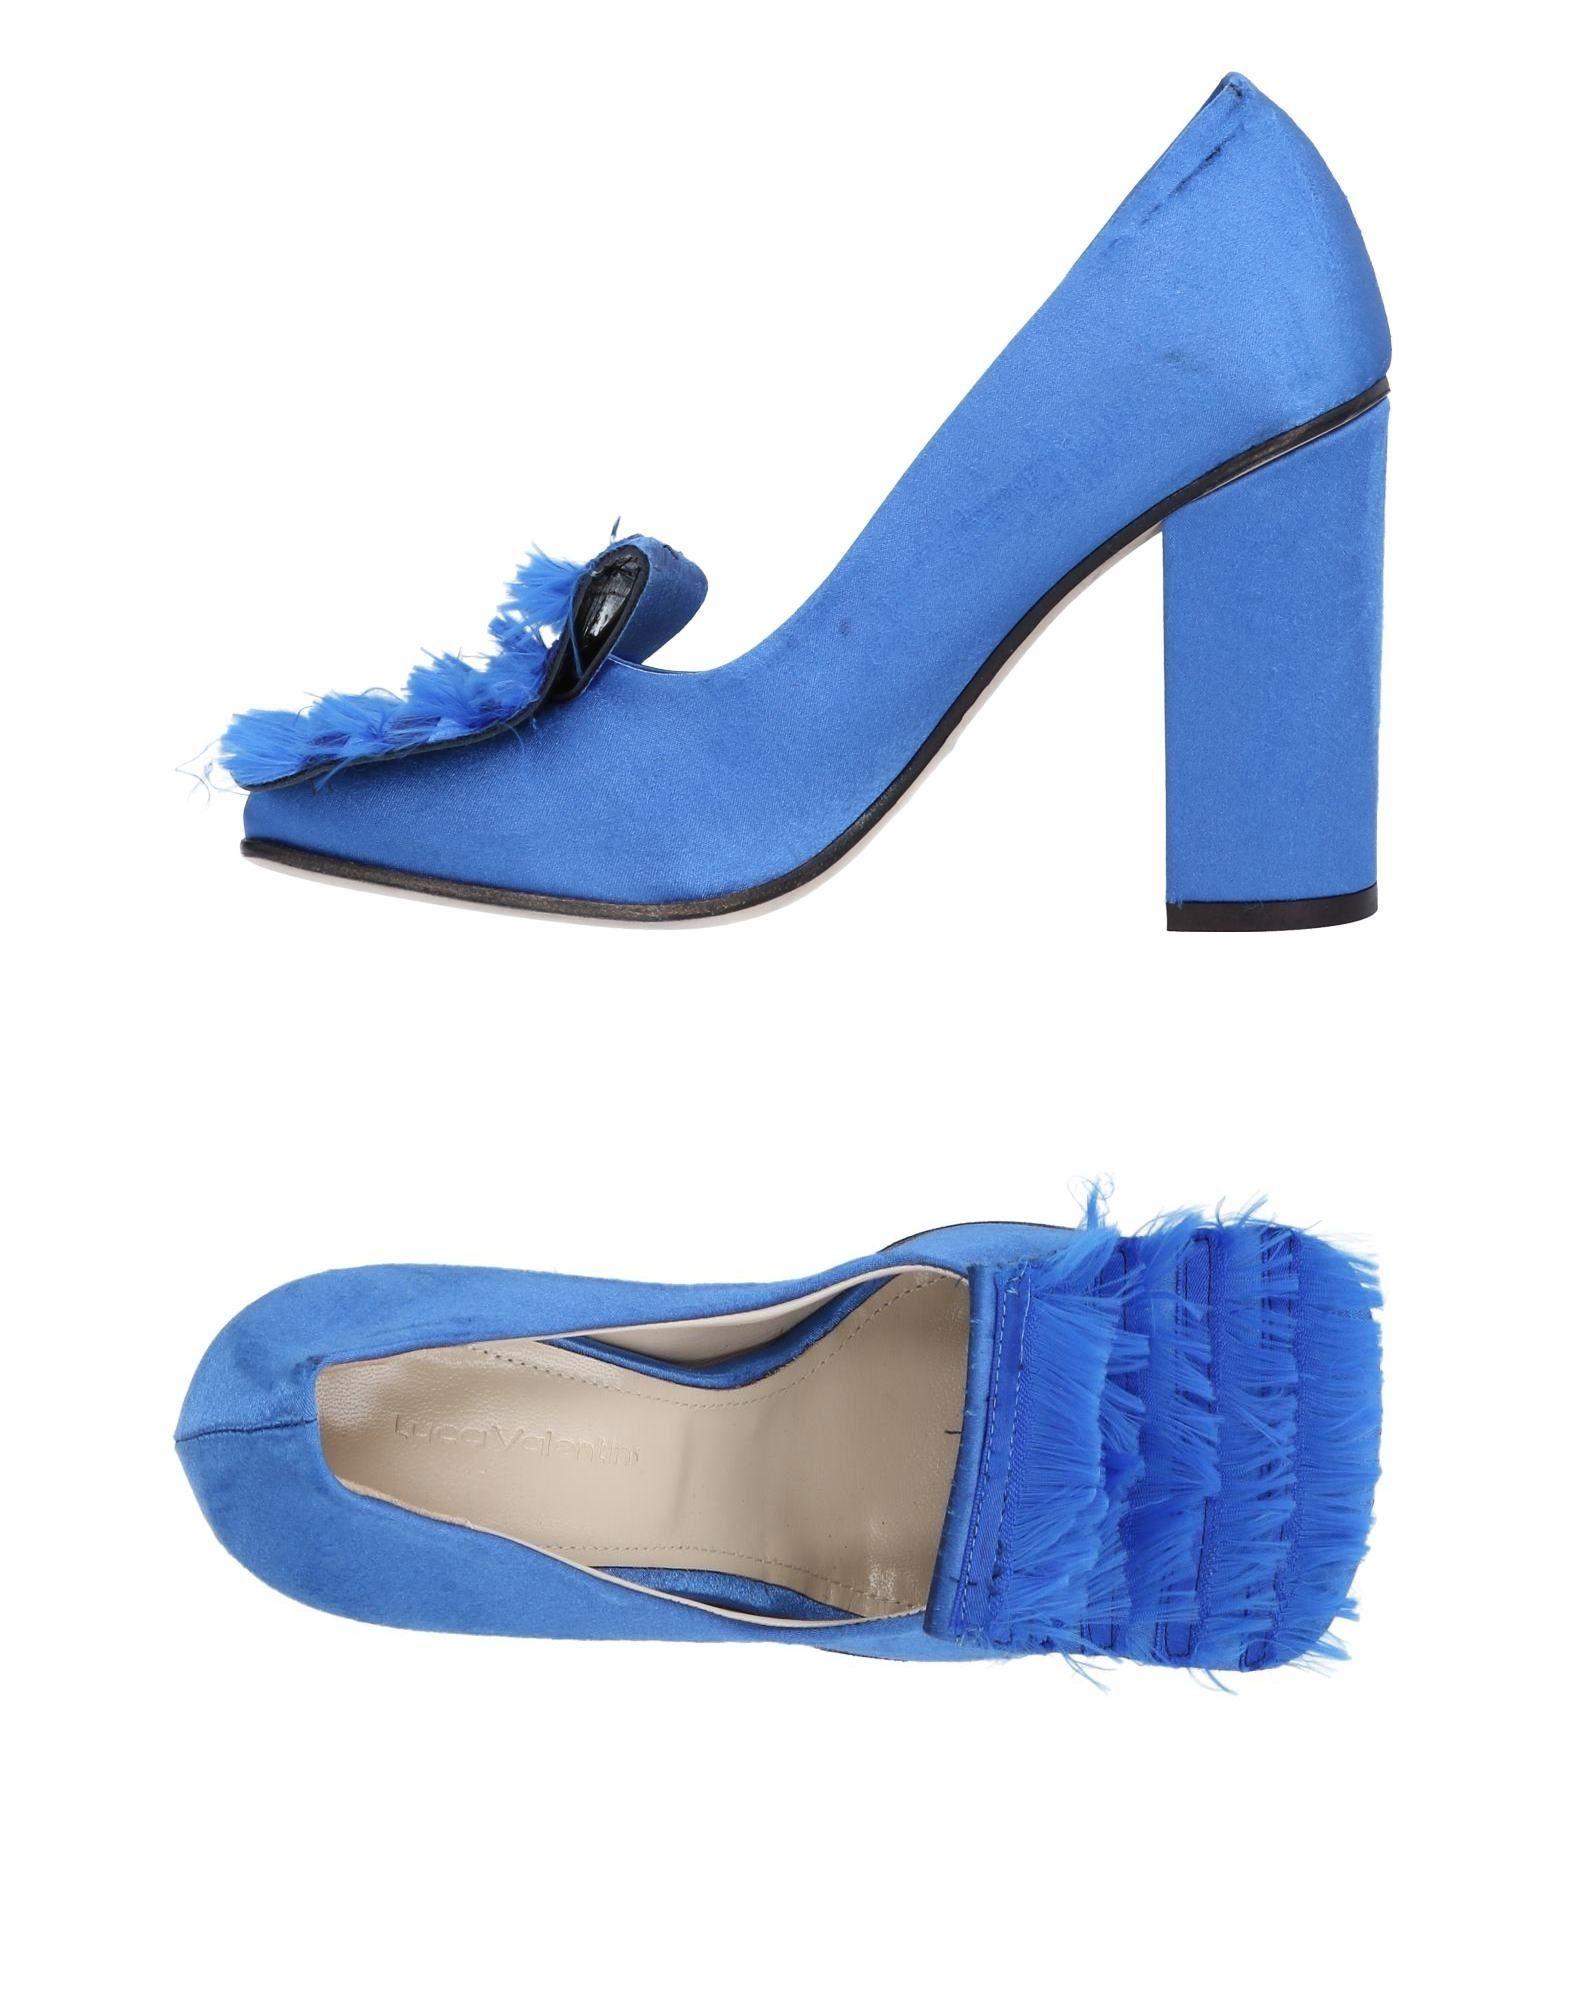 Luca Valentini Mokassins Qualität Damen  11498791JS Gute Qualität Mokassins beliebte Schuhe 28f62d